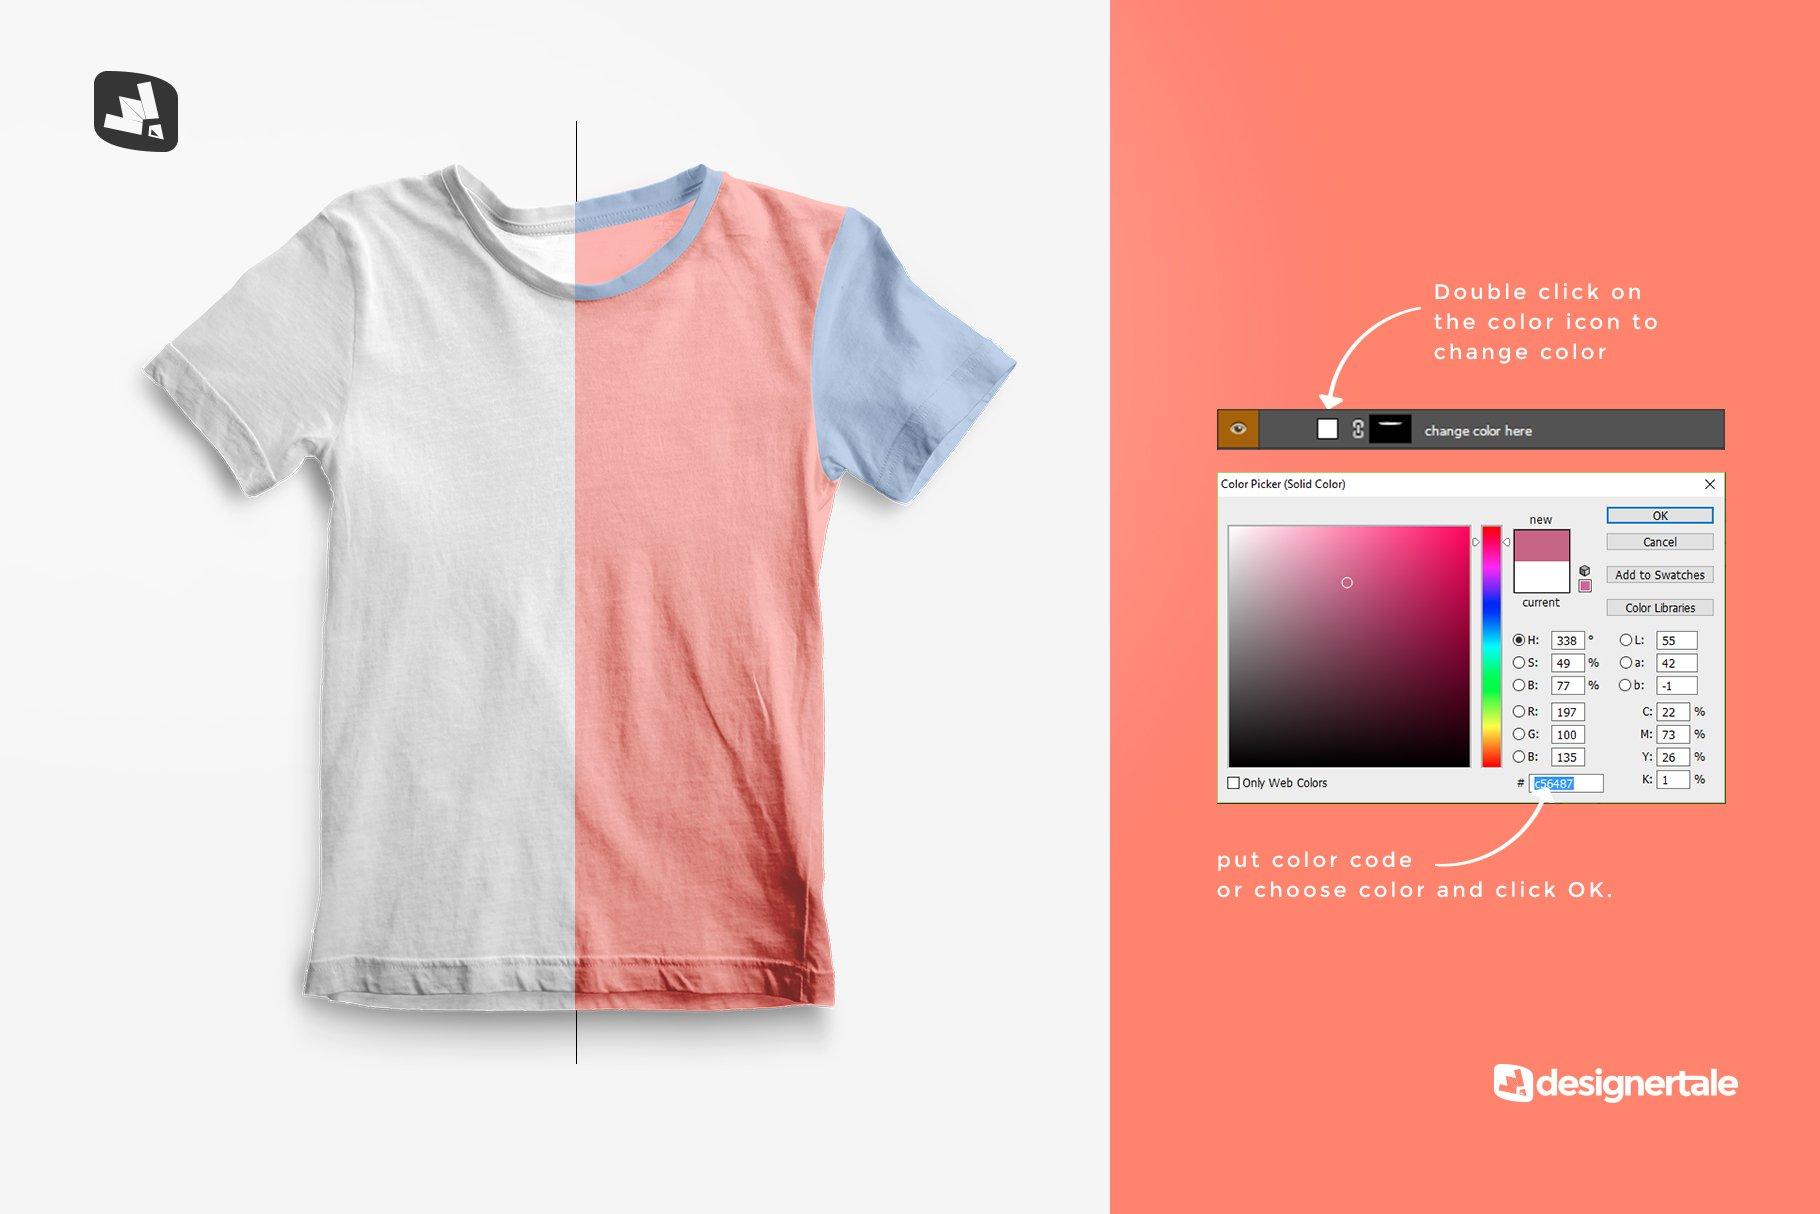 顶视图男孩夏季半袖T恤衫样机模板 Top view Boy's Summer Tshirt Mockup插图(2)